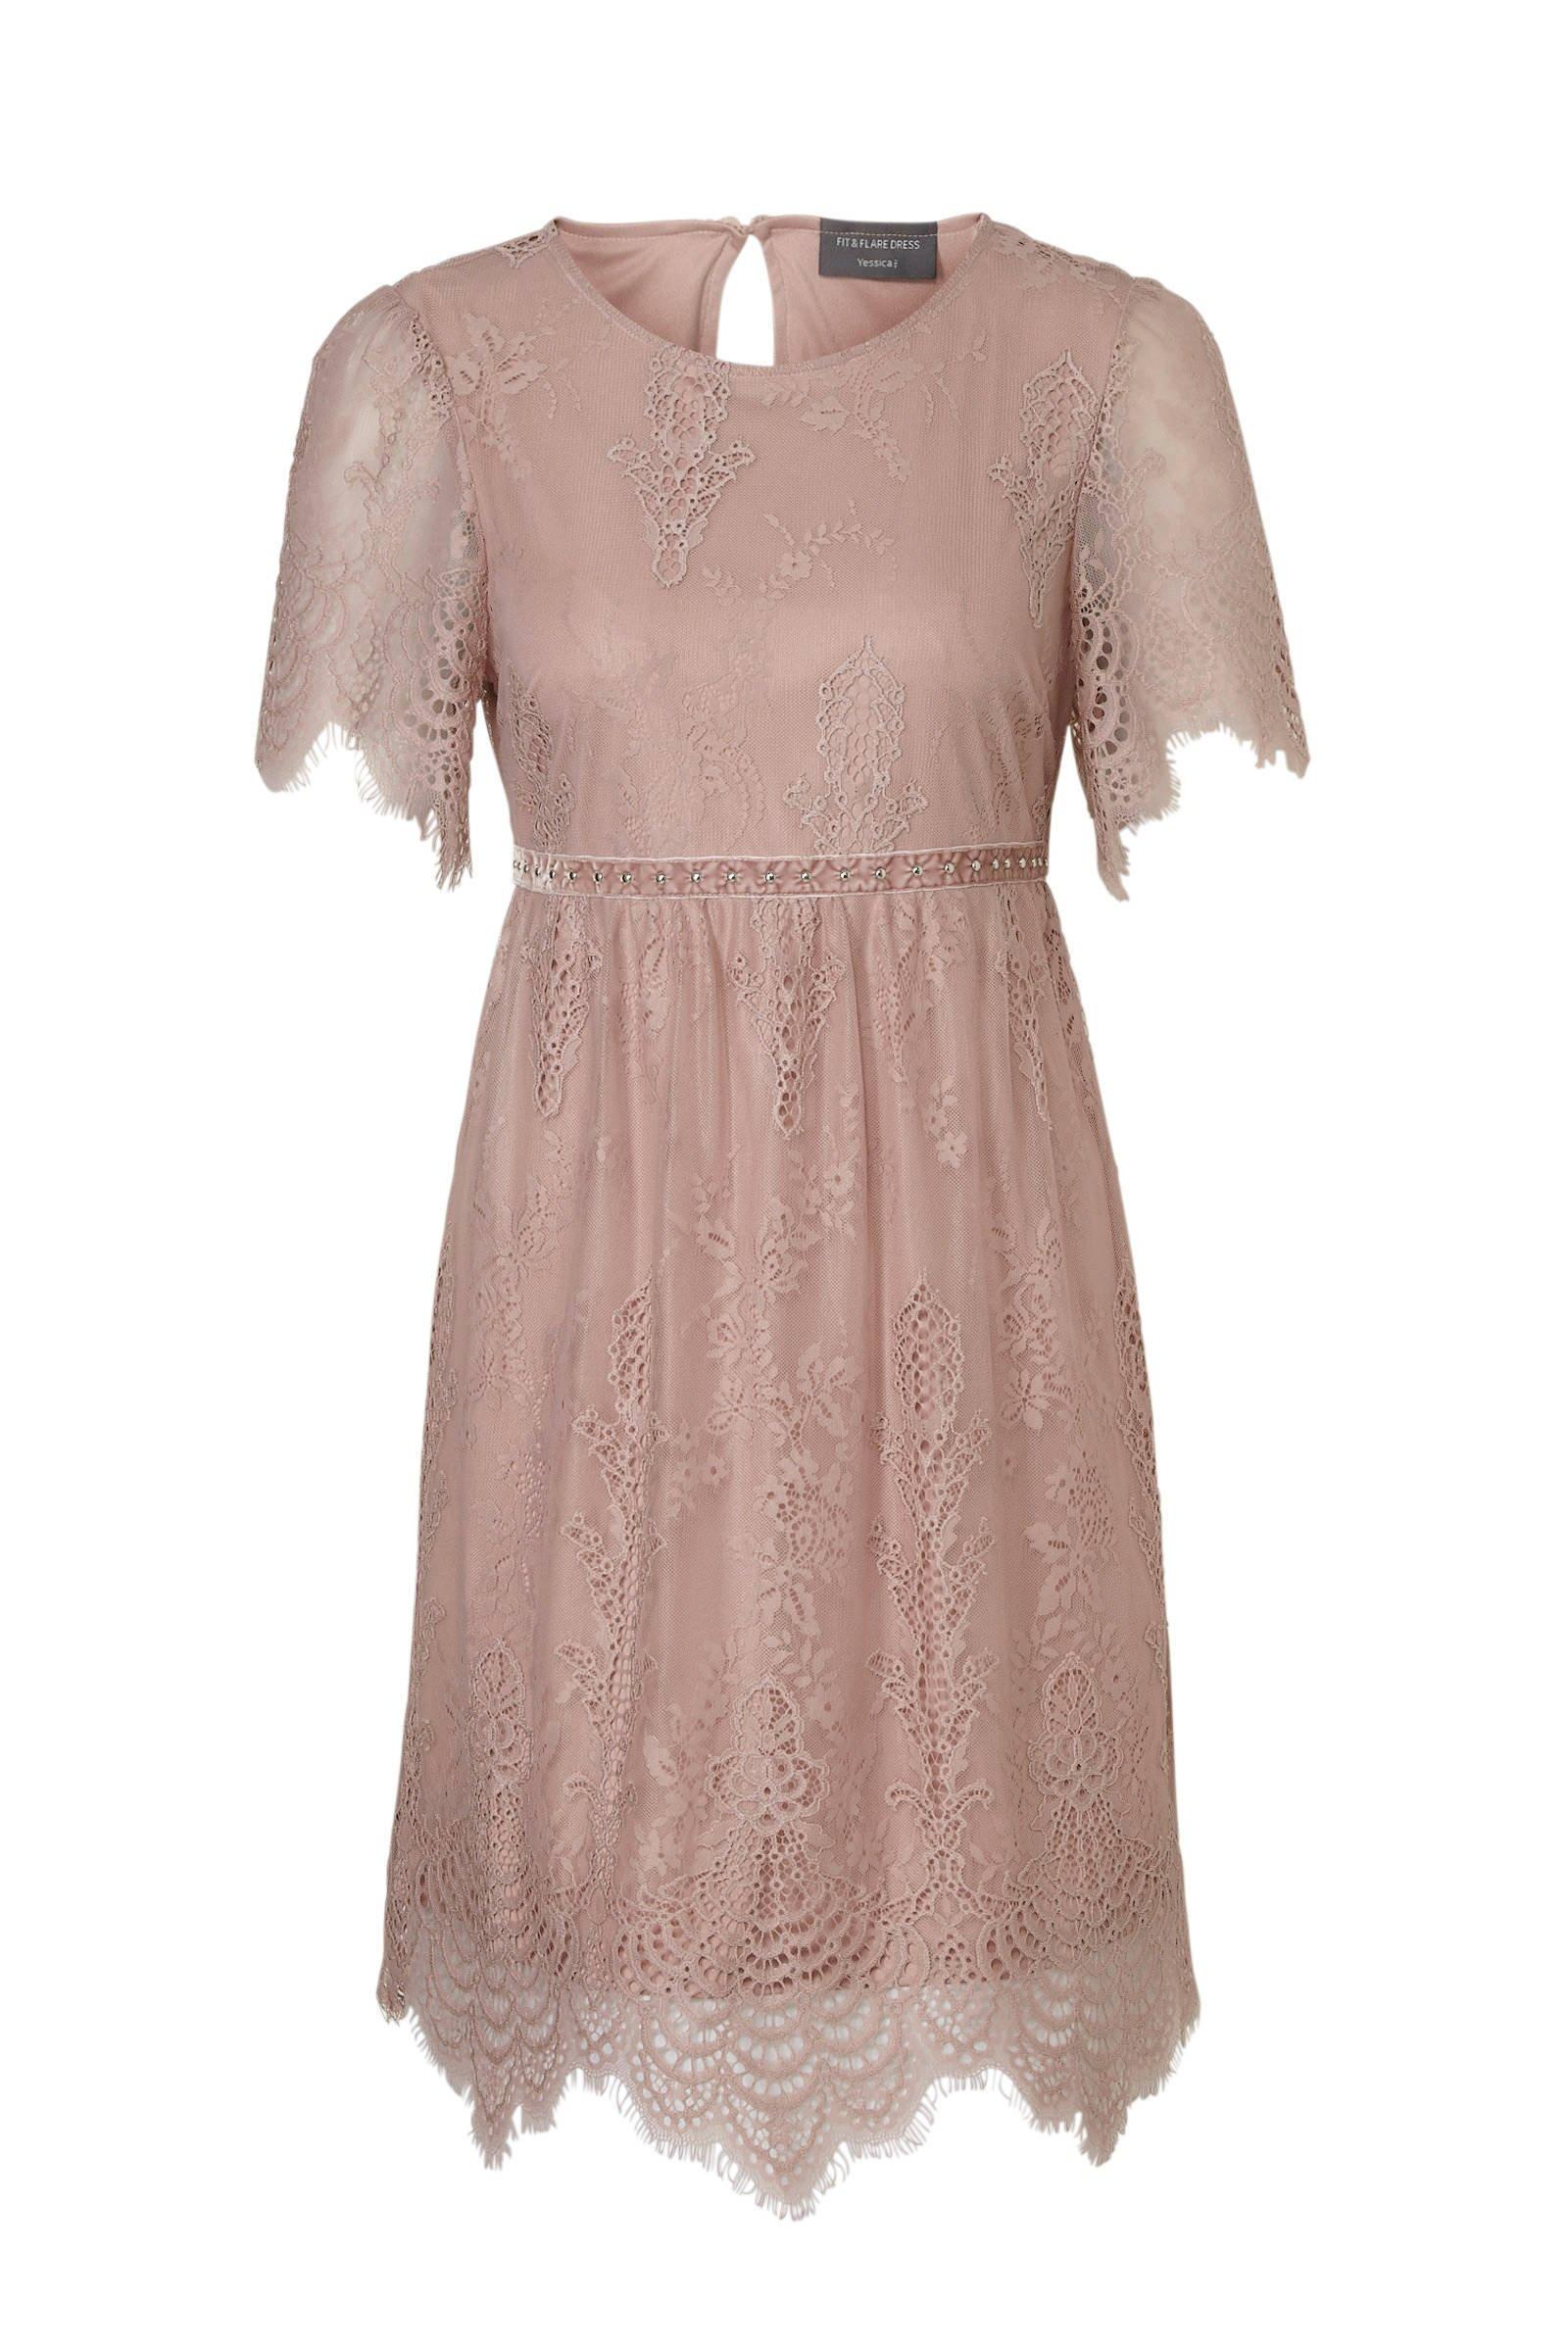 a2bfa64eb2c365 C A Yessica kanten jurk oudroze